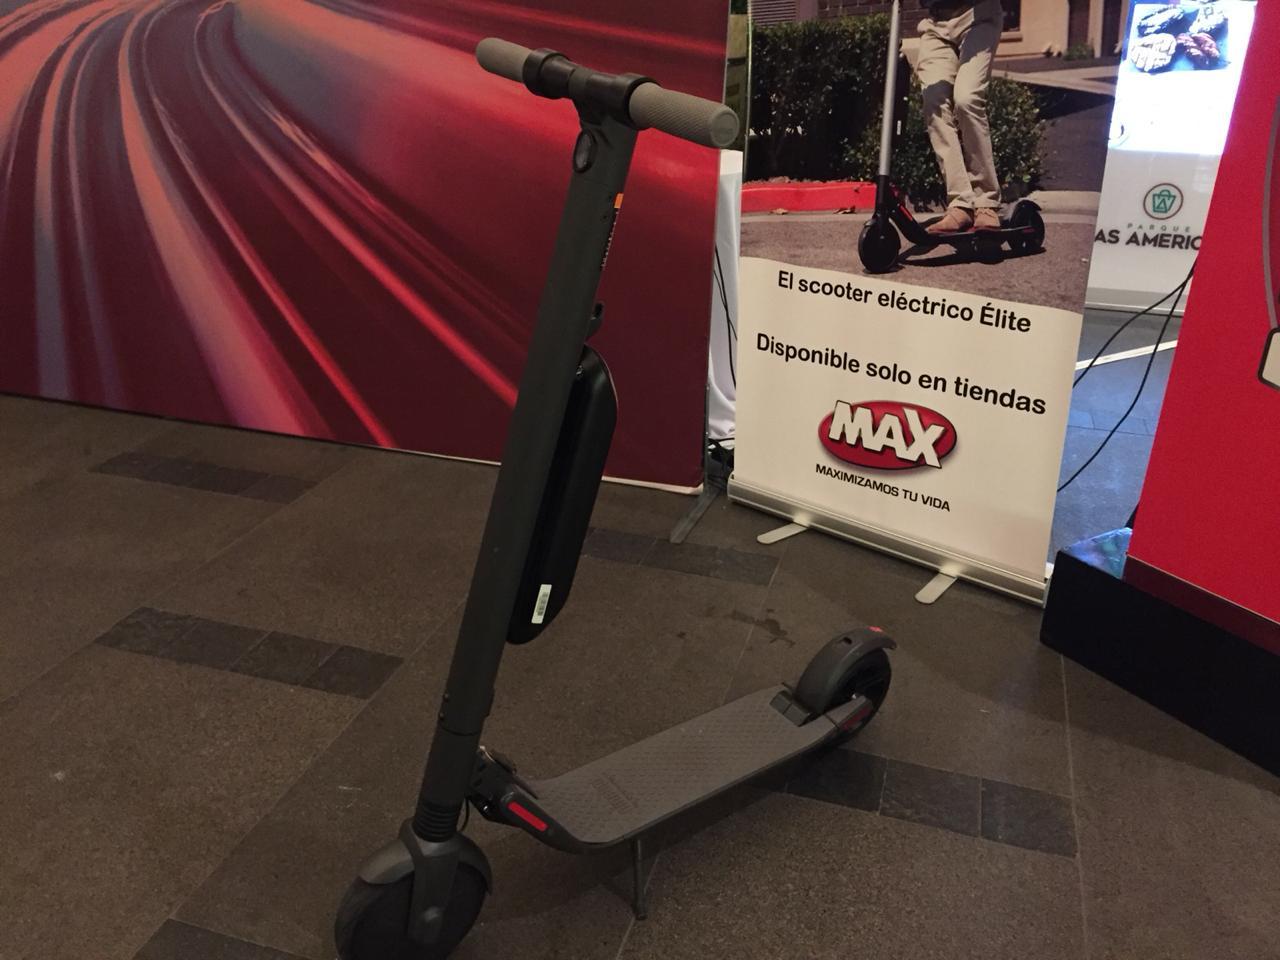 Scooter Tiendas Max